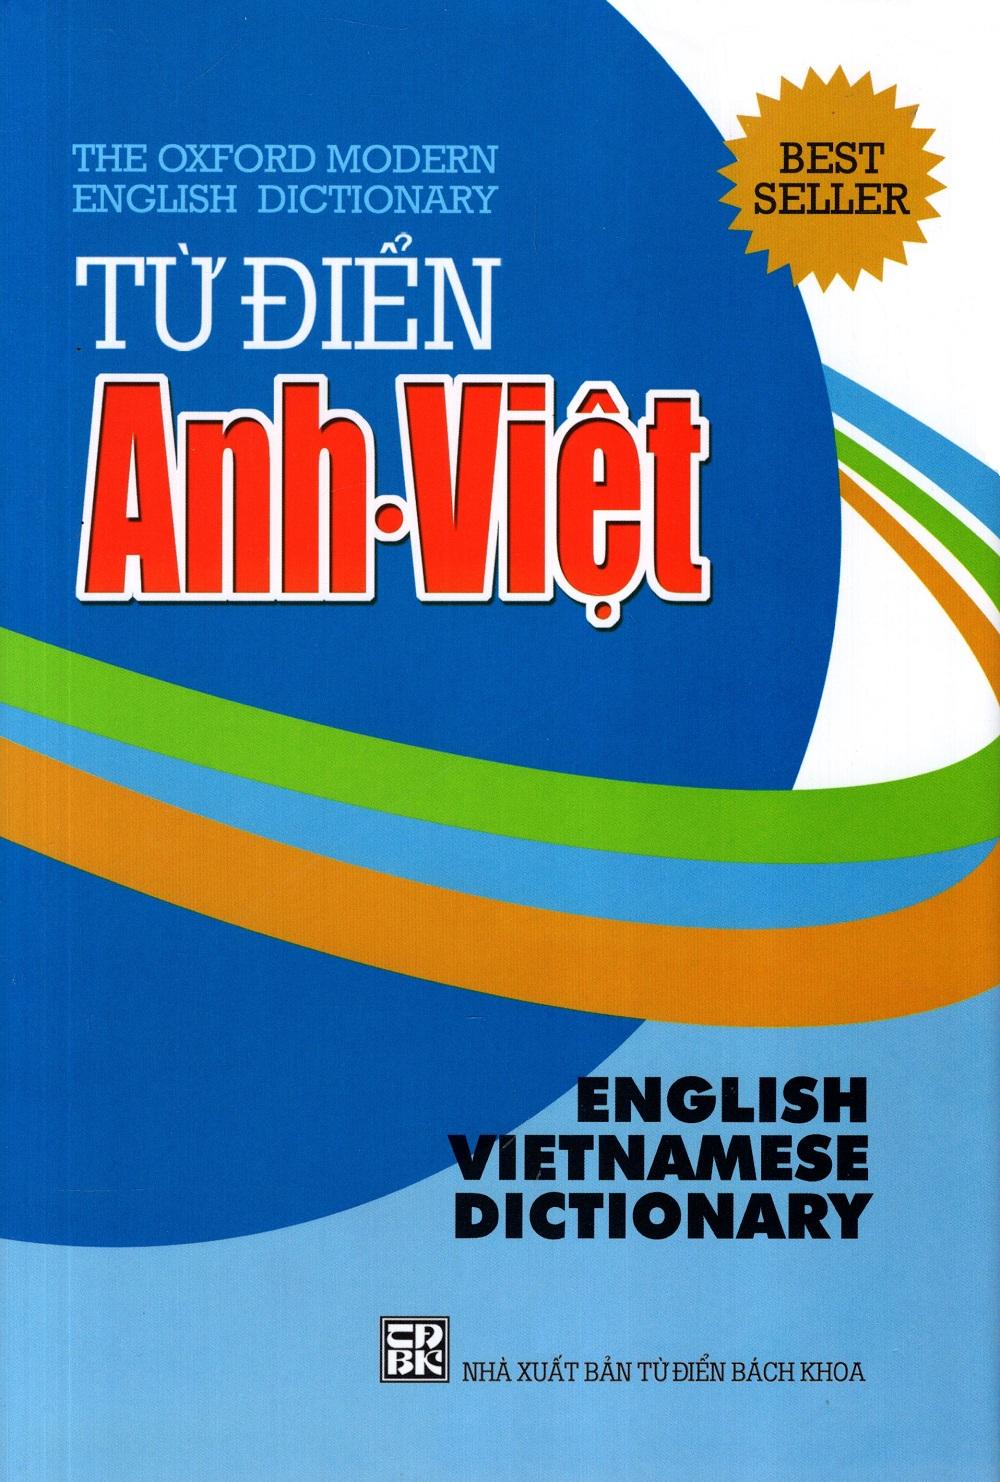 Bìa sách Từ Điển Anh - Việt (2014 - Minh Trí)